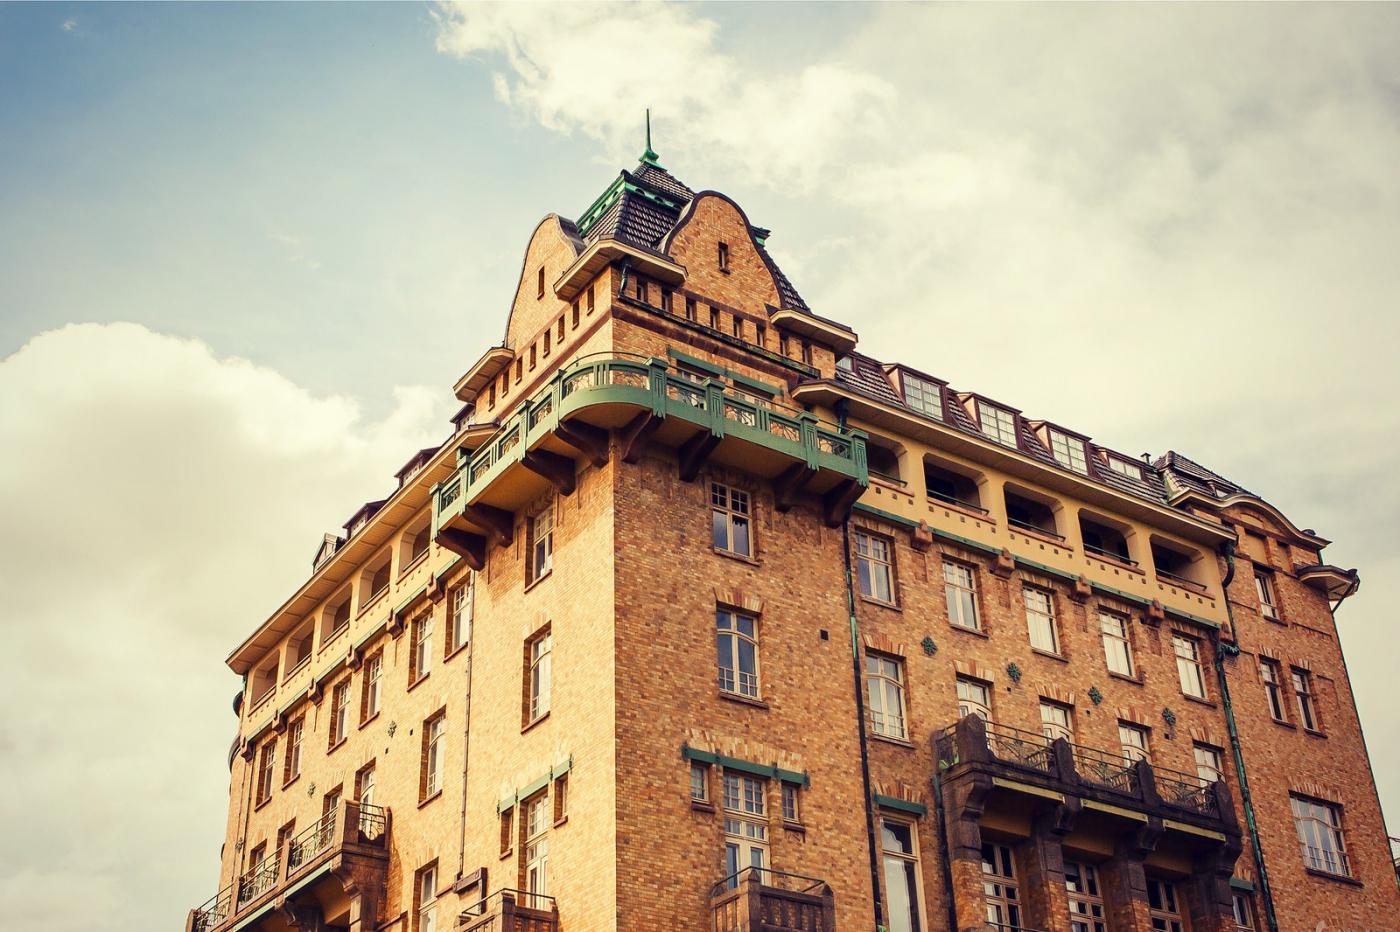 瑞典哥德堡,這幢大廈很特殊_圖1-11